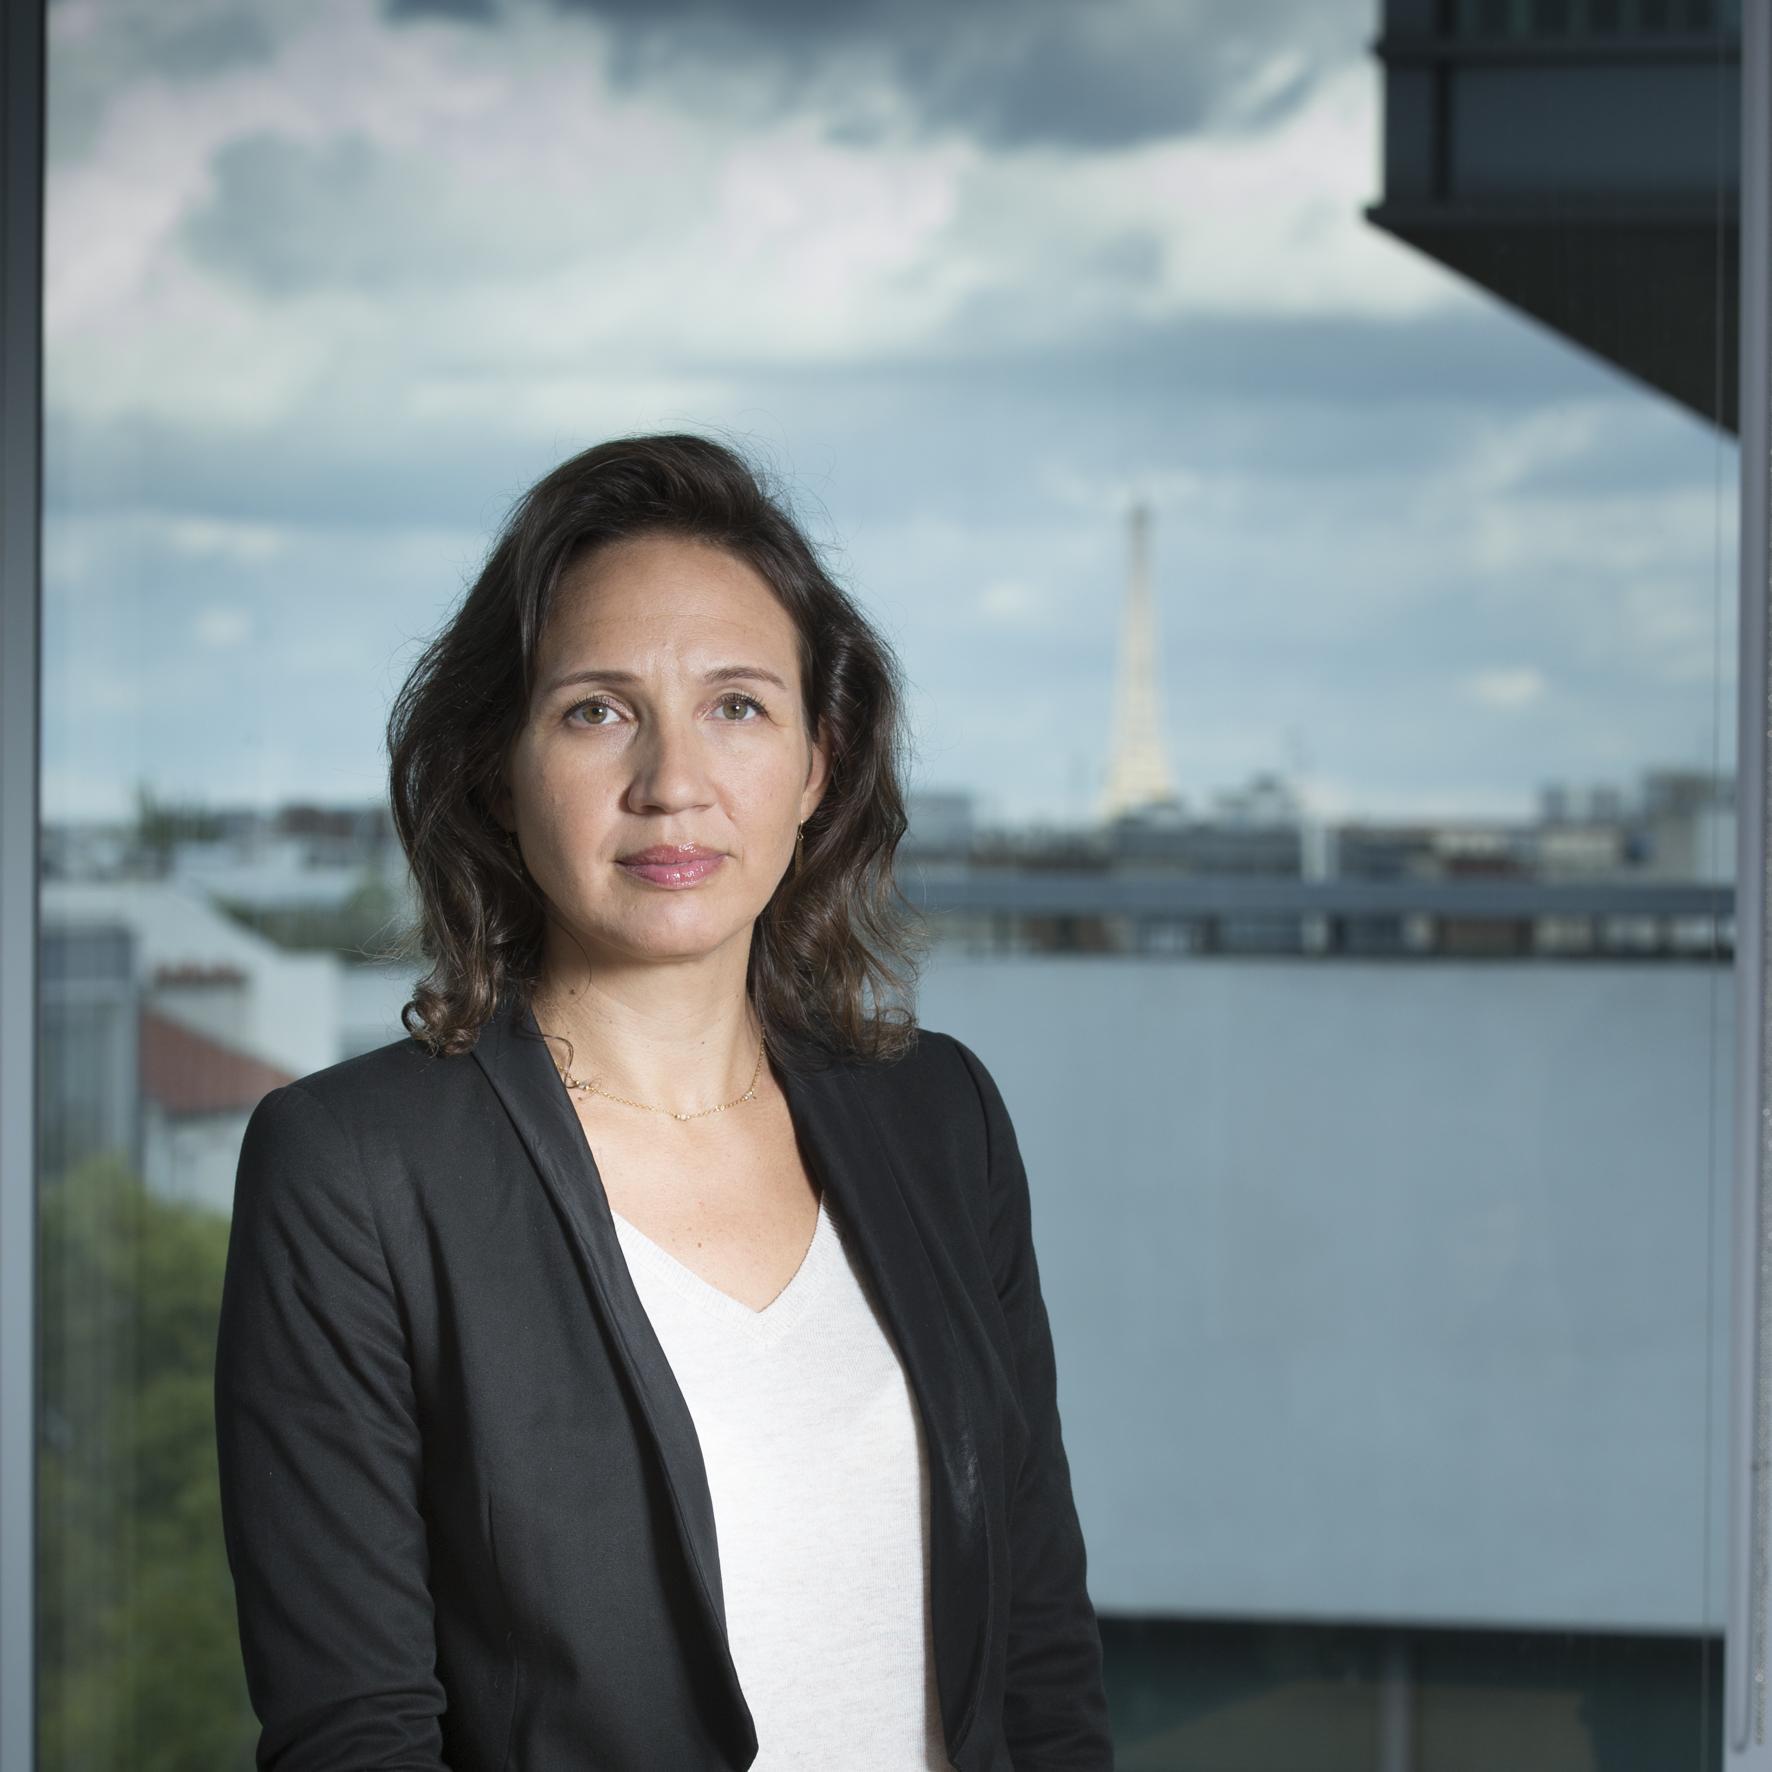 Heloise Rothenbuhler